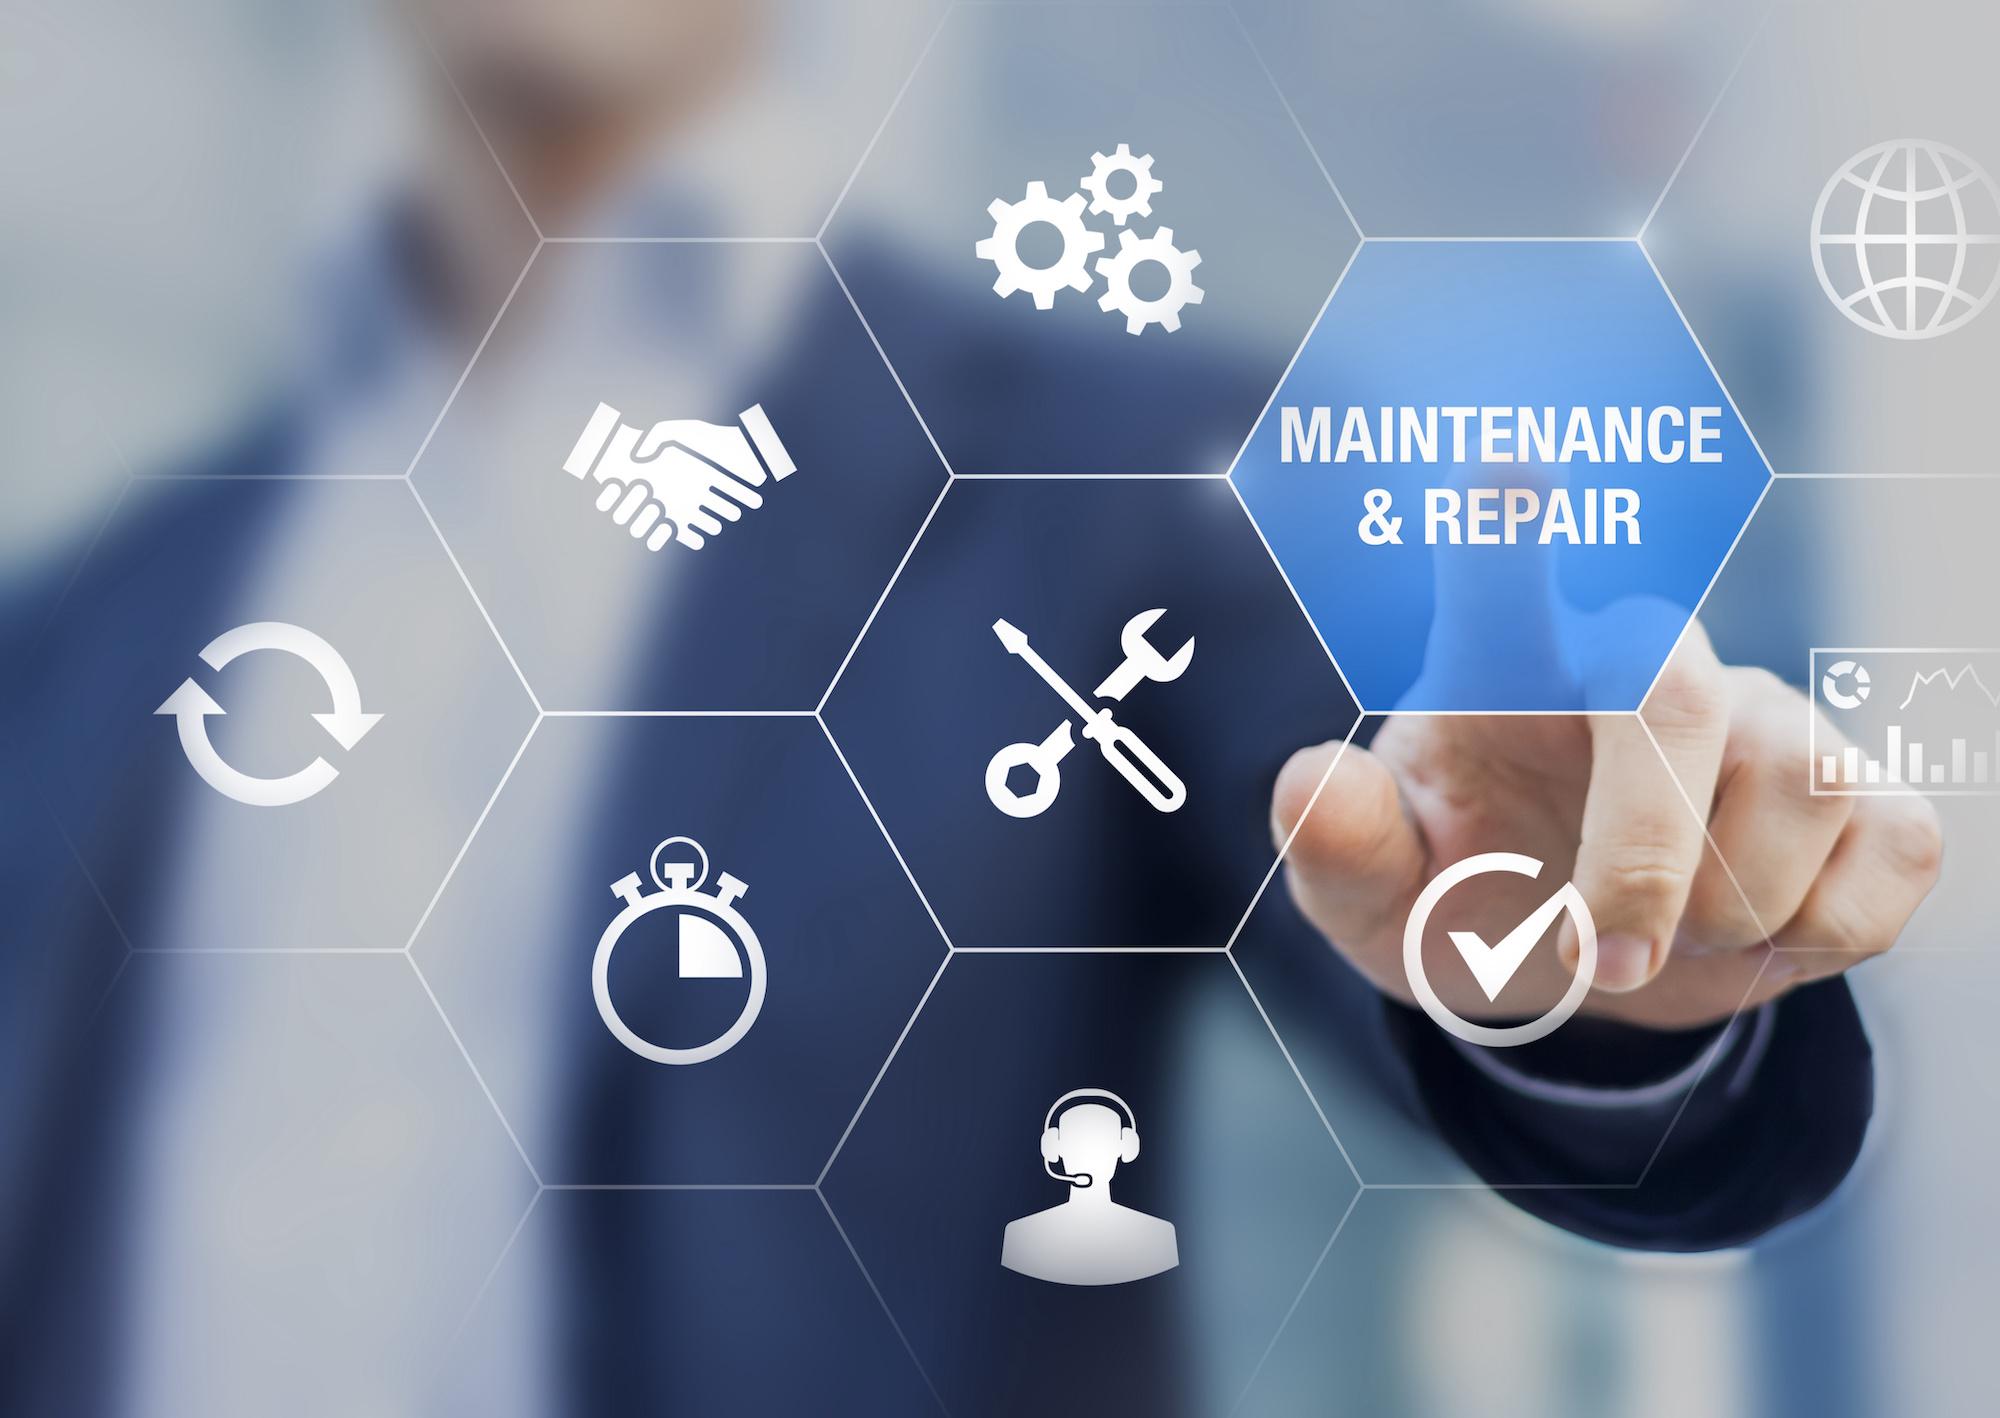 Maintenance and repair chart